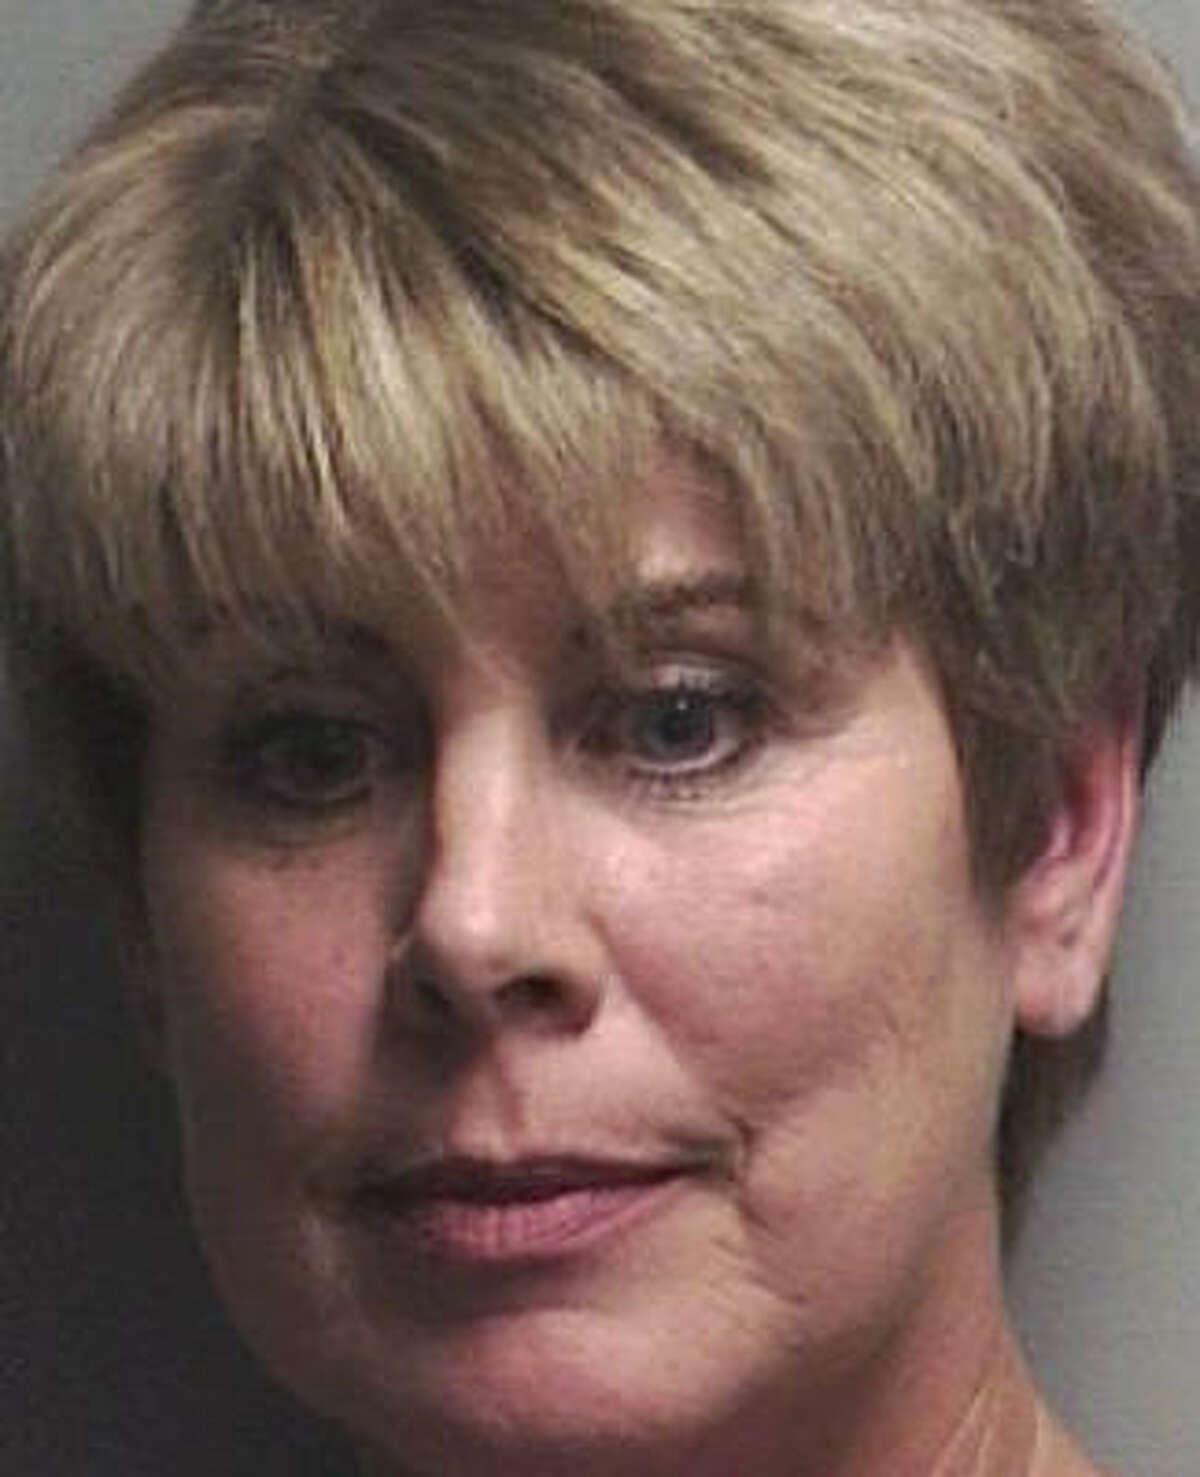 Suspect Pamela R. Pugh is being held on $5,000 bail.